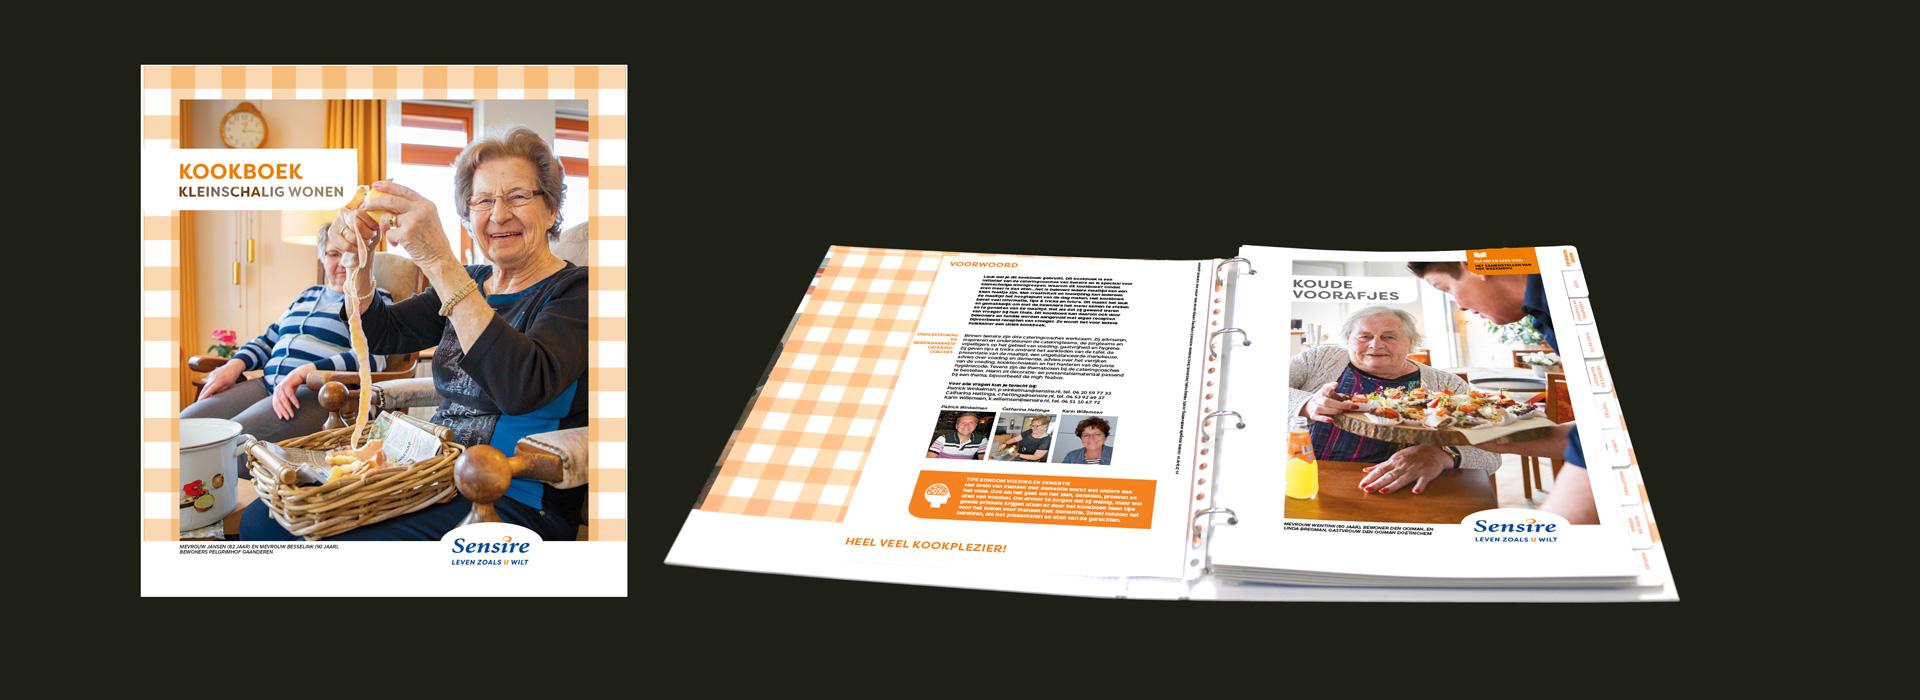 Sensire, kookboek kleinschalig wonen